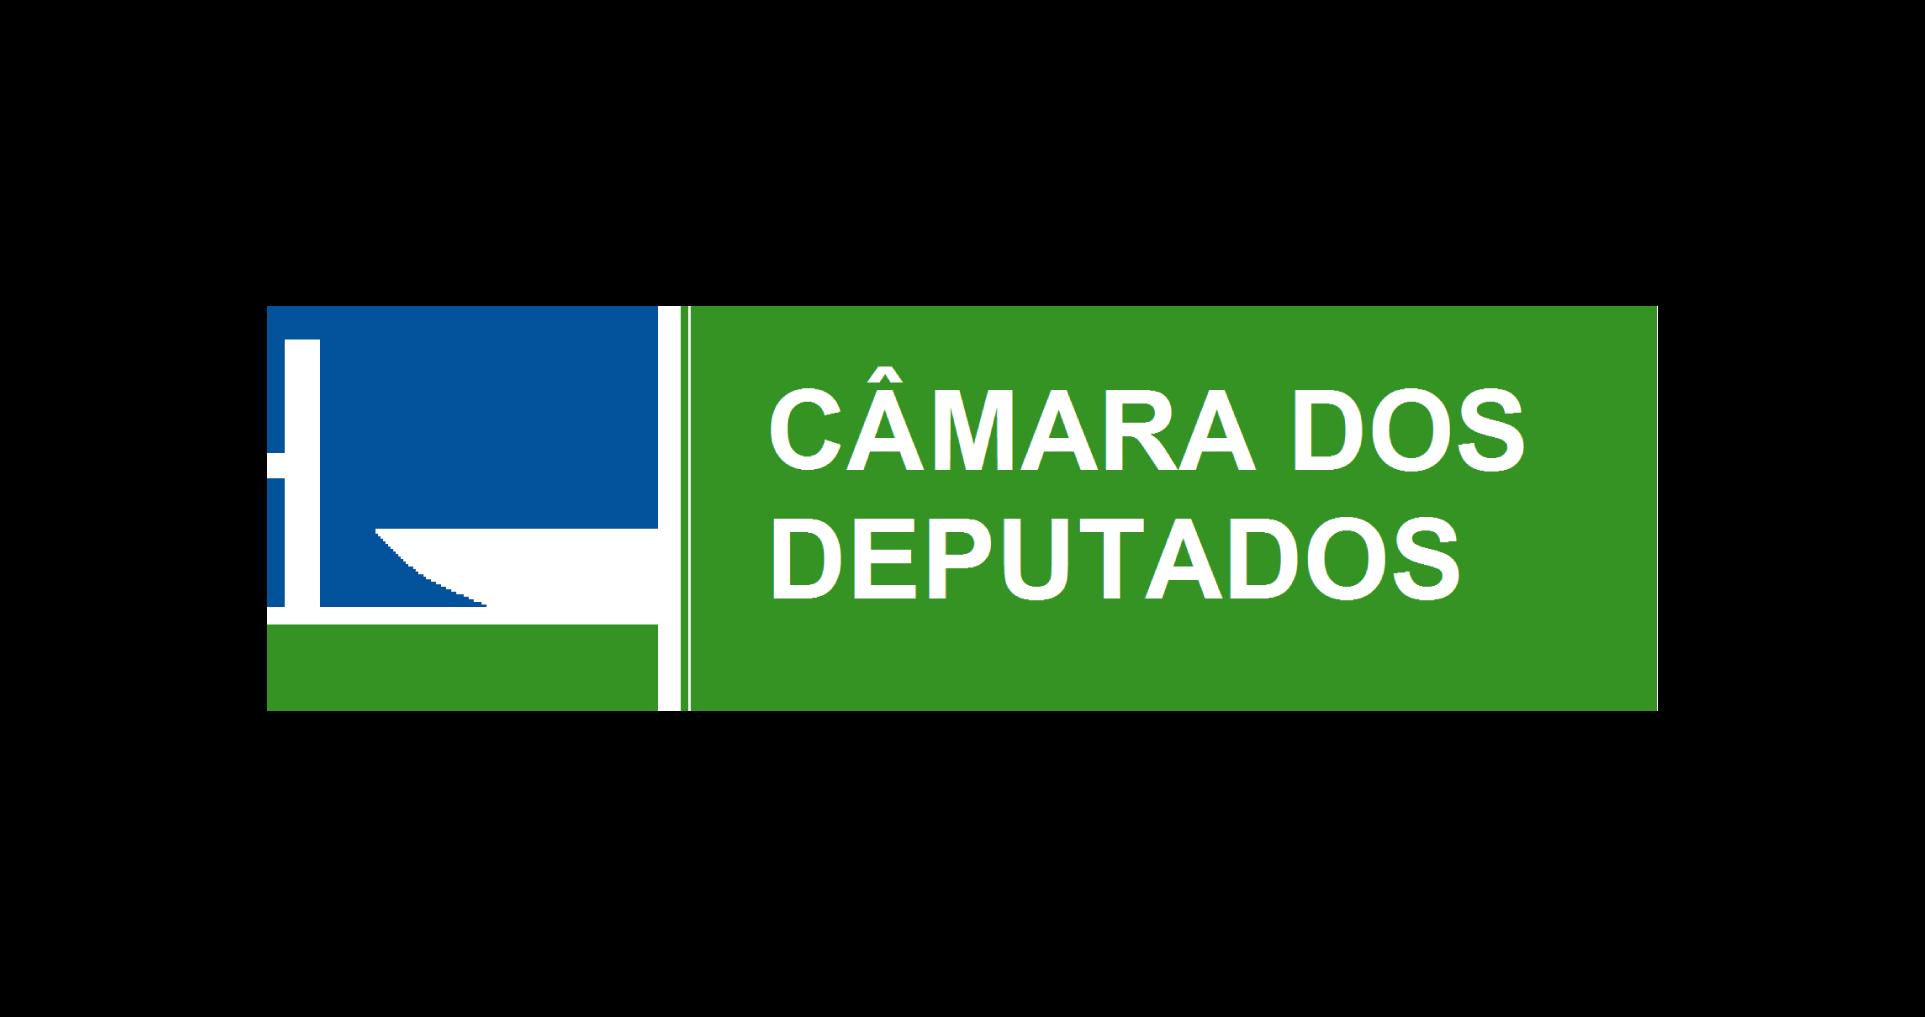 SECRETARIA DA MULHER DA CÂMARA DOS DEPUTADOS